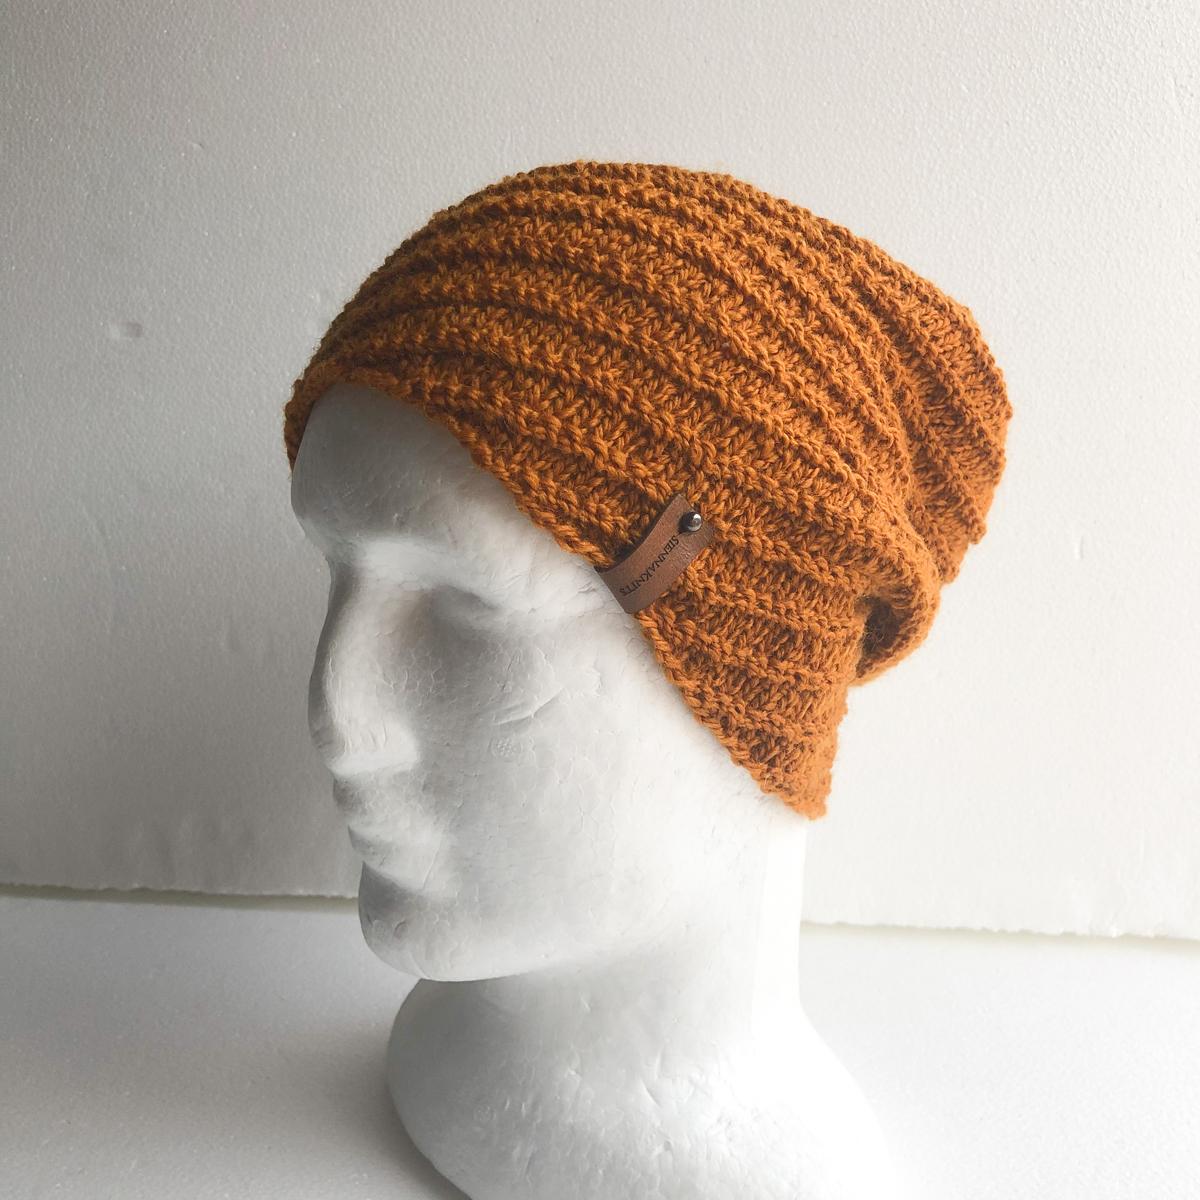 100% Wool Mustard Knit Women Beanie by SiennaKnits SiennaKnits (Fitzroy)